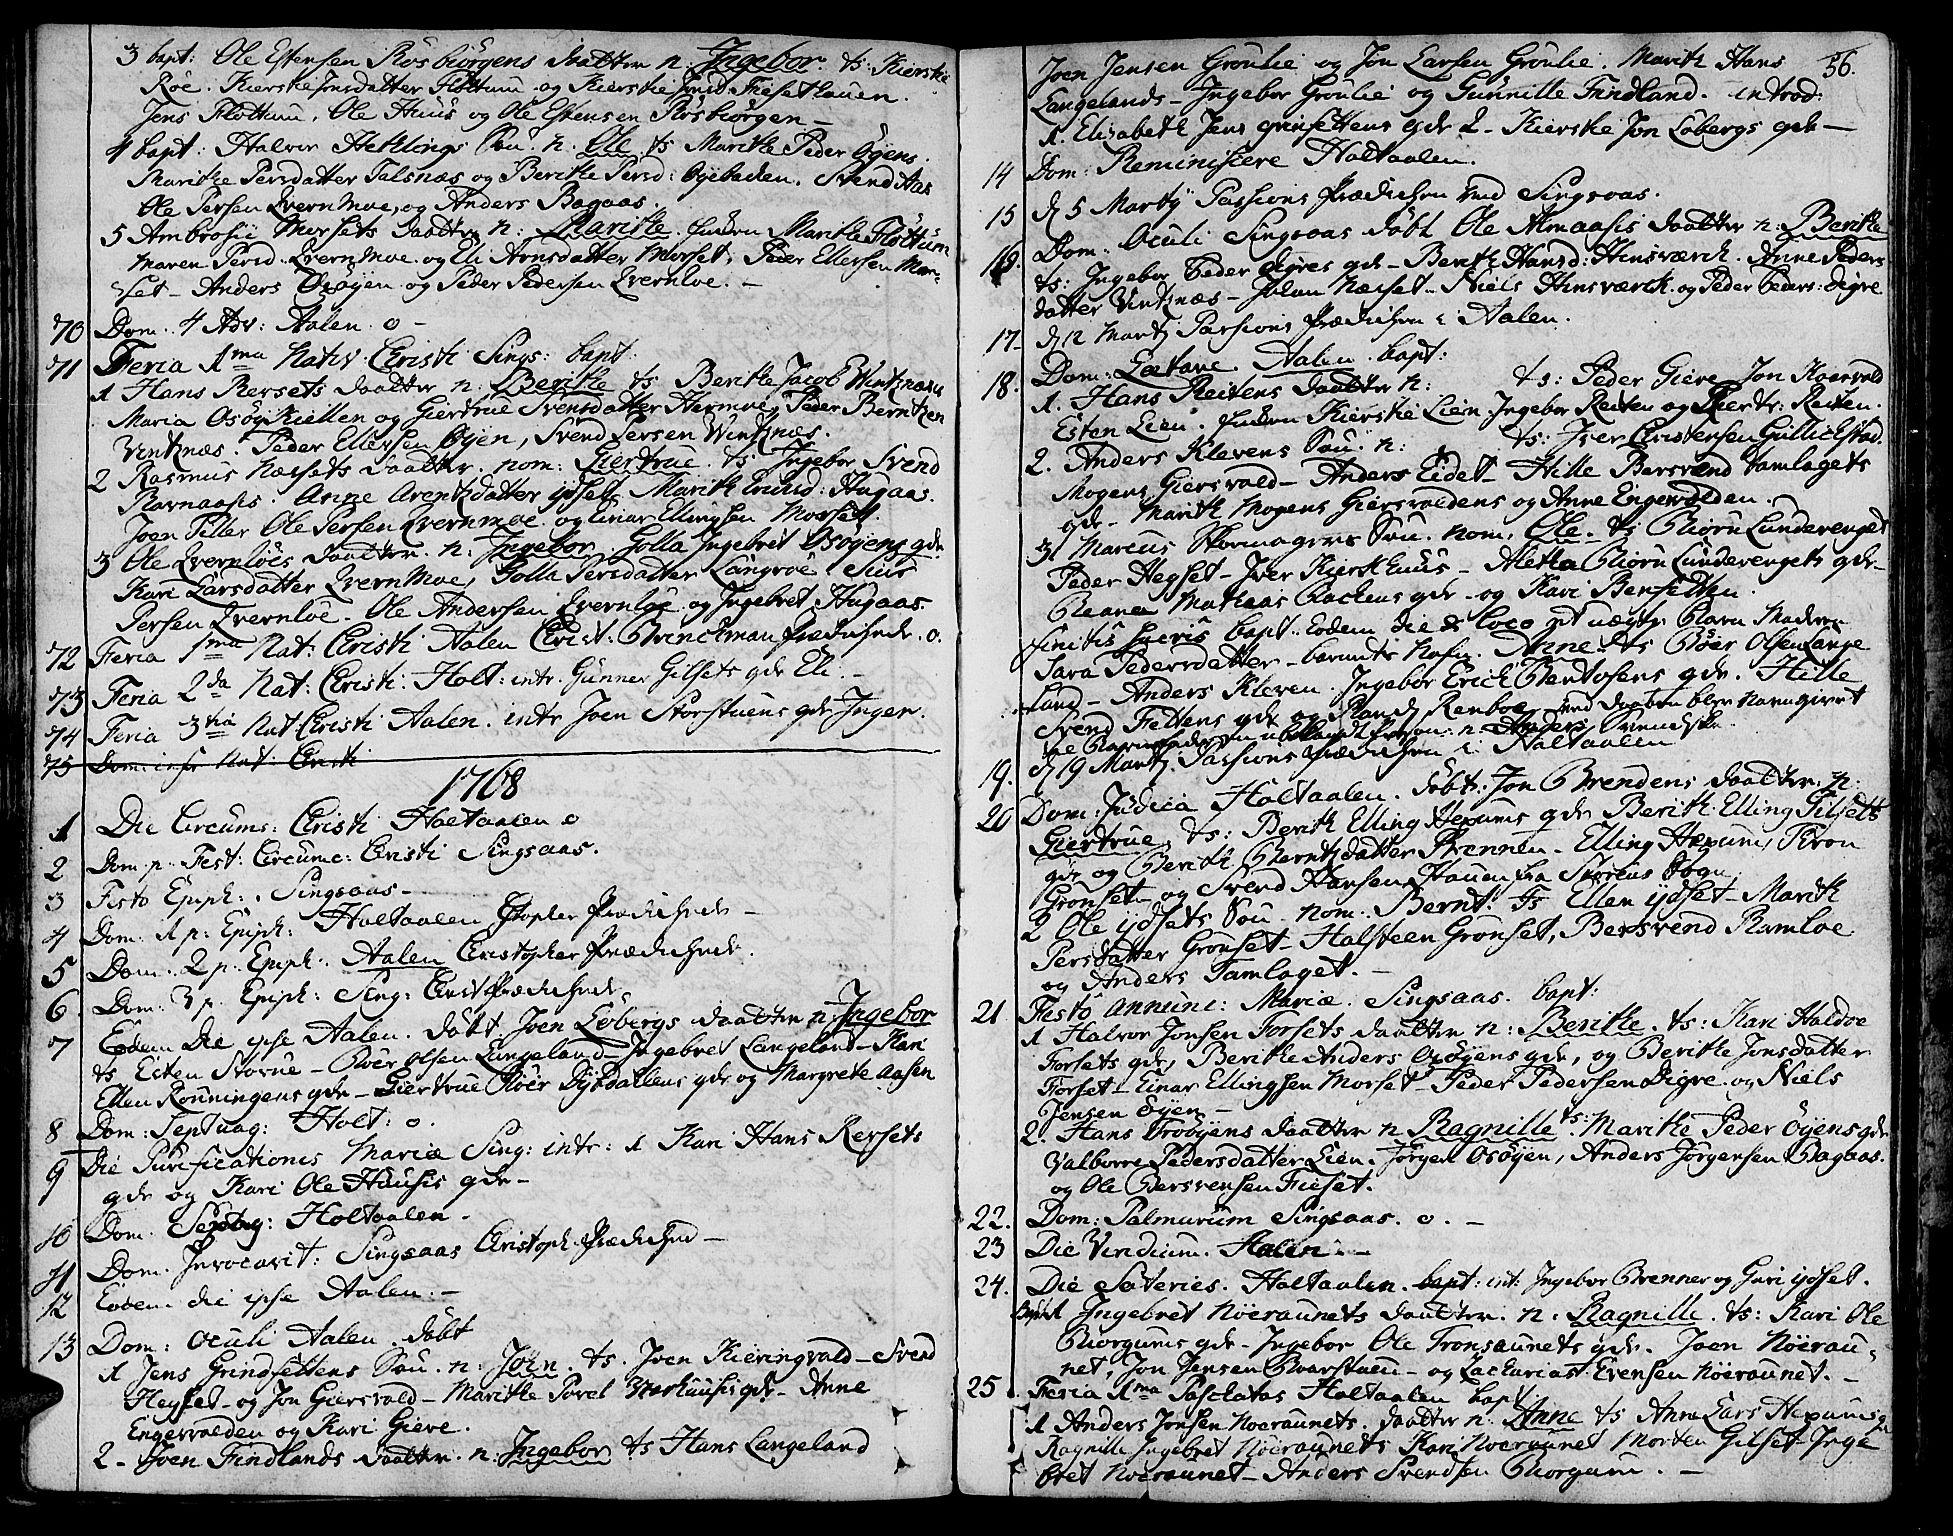 SAT, Ministerialprotokoller, klokkerbøker og fødselsregistre - Sør-Trøndelag, 685/L0952: Ministerialbok nr. 685A01, 1745-1804, s. 56